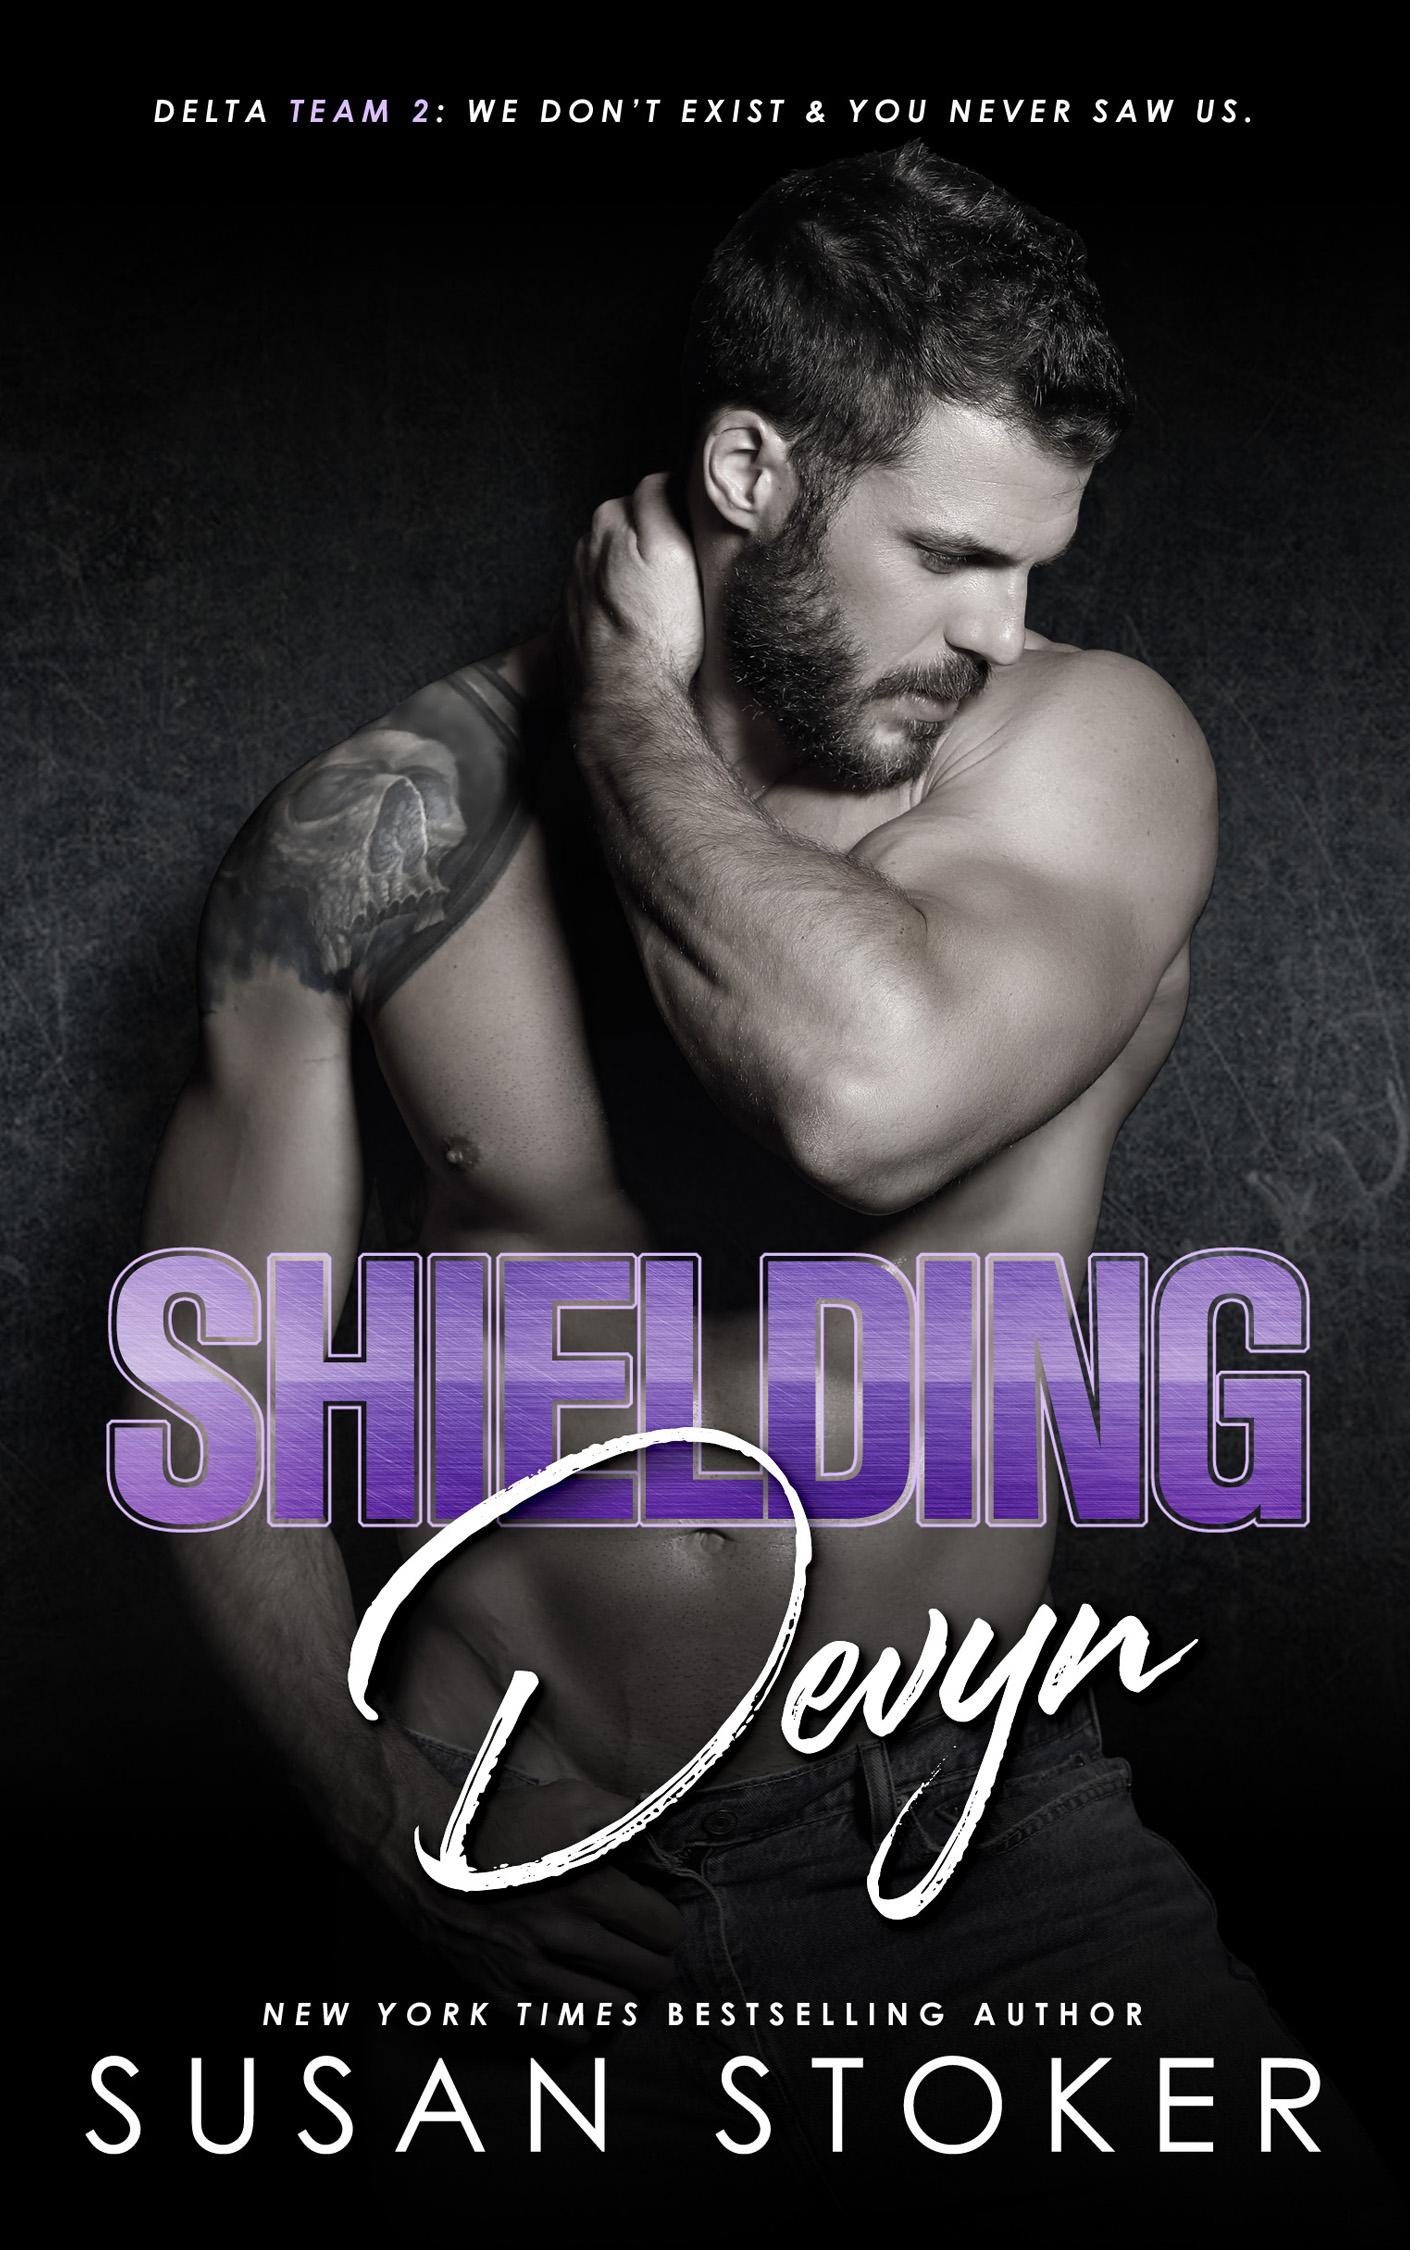 SHIEDLING DEVYN